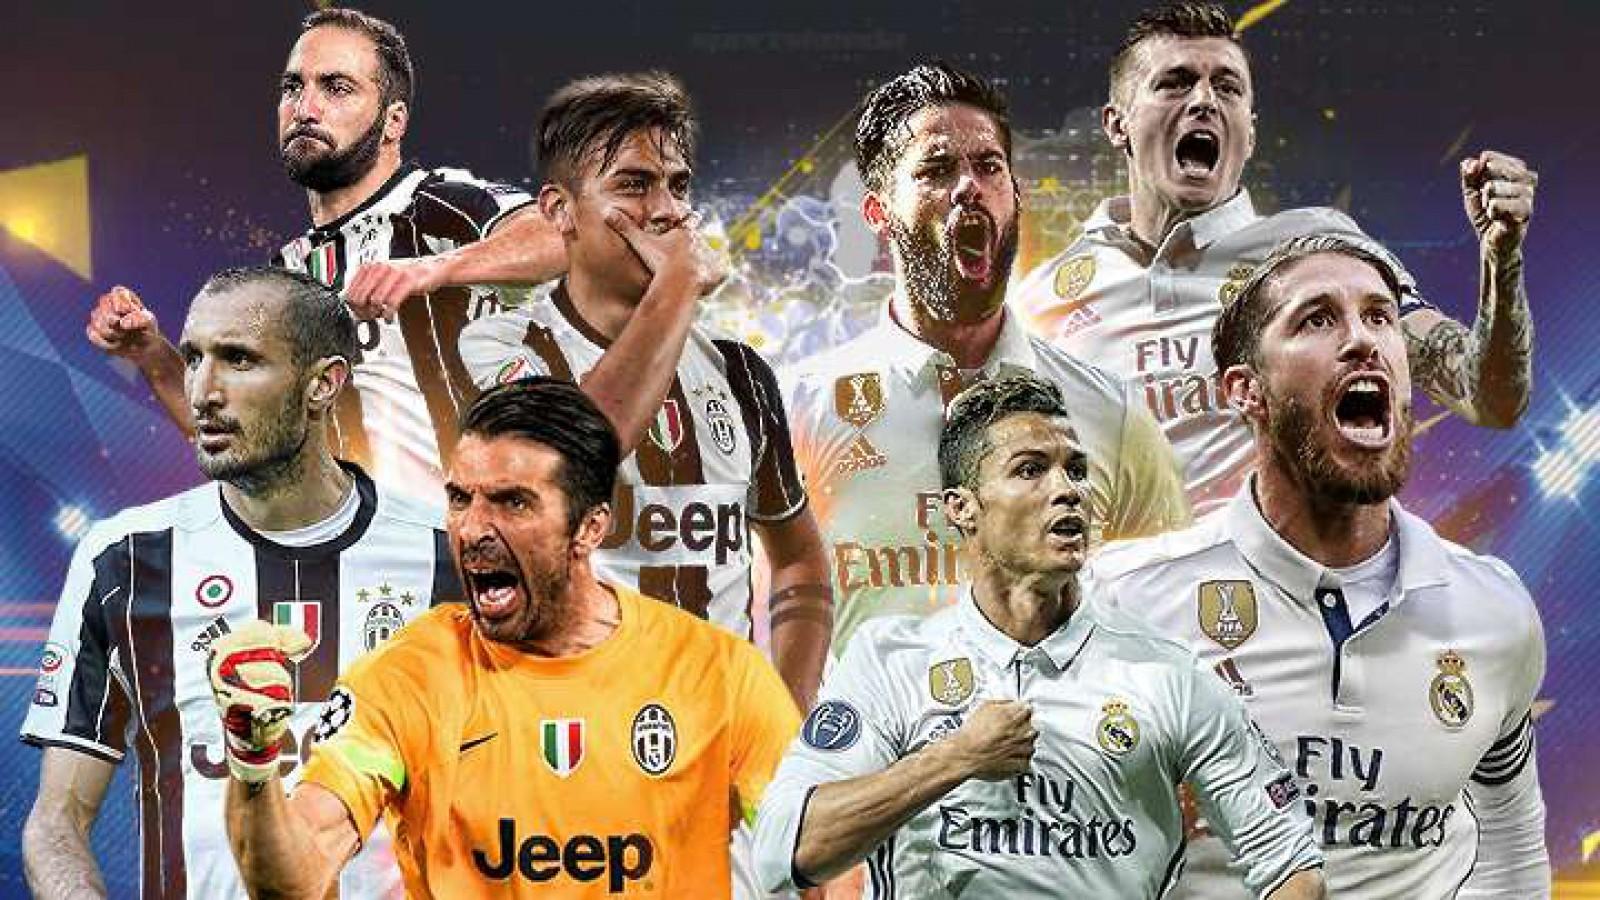 O nouă seară de Champions League. Meciul Real Madrid - Juventus Torino poate să-ți aducă 4125 de lei